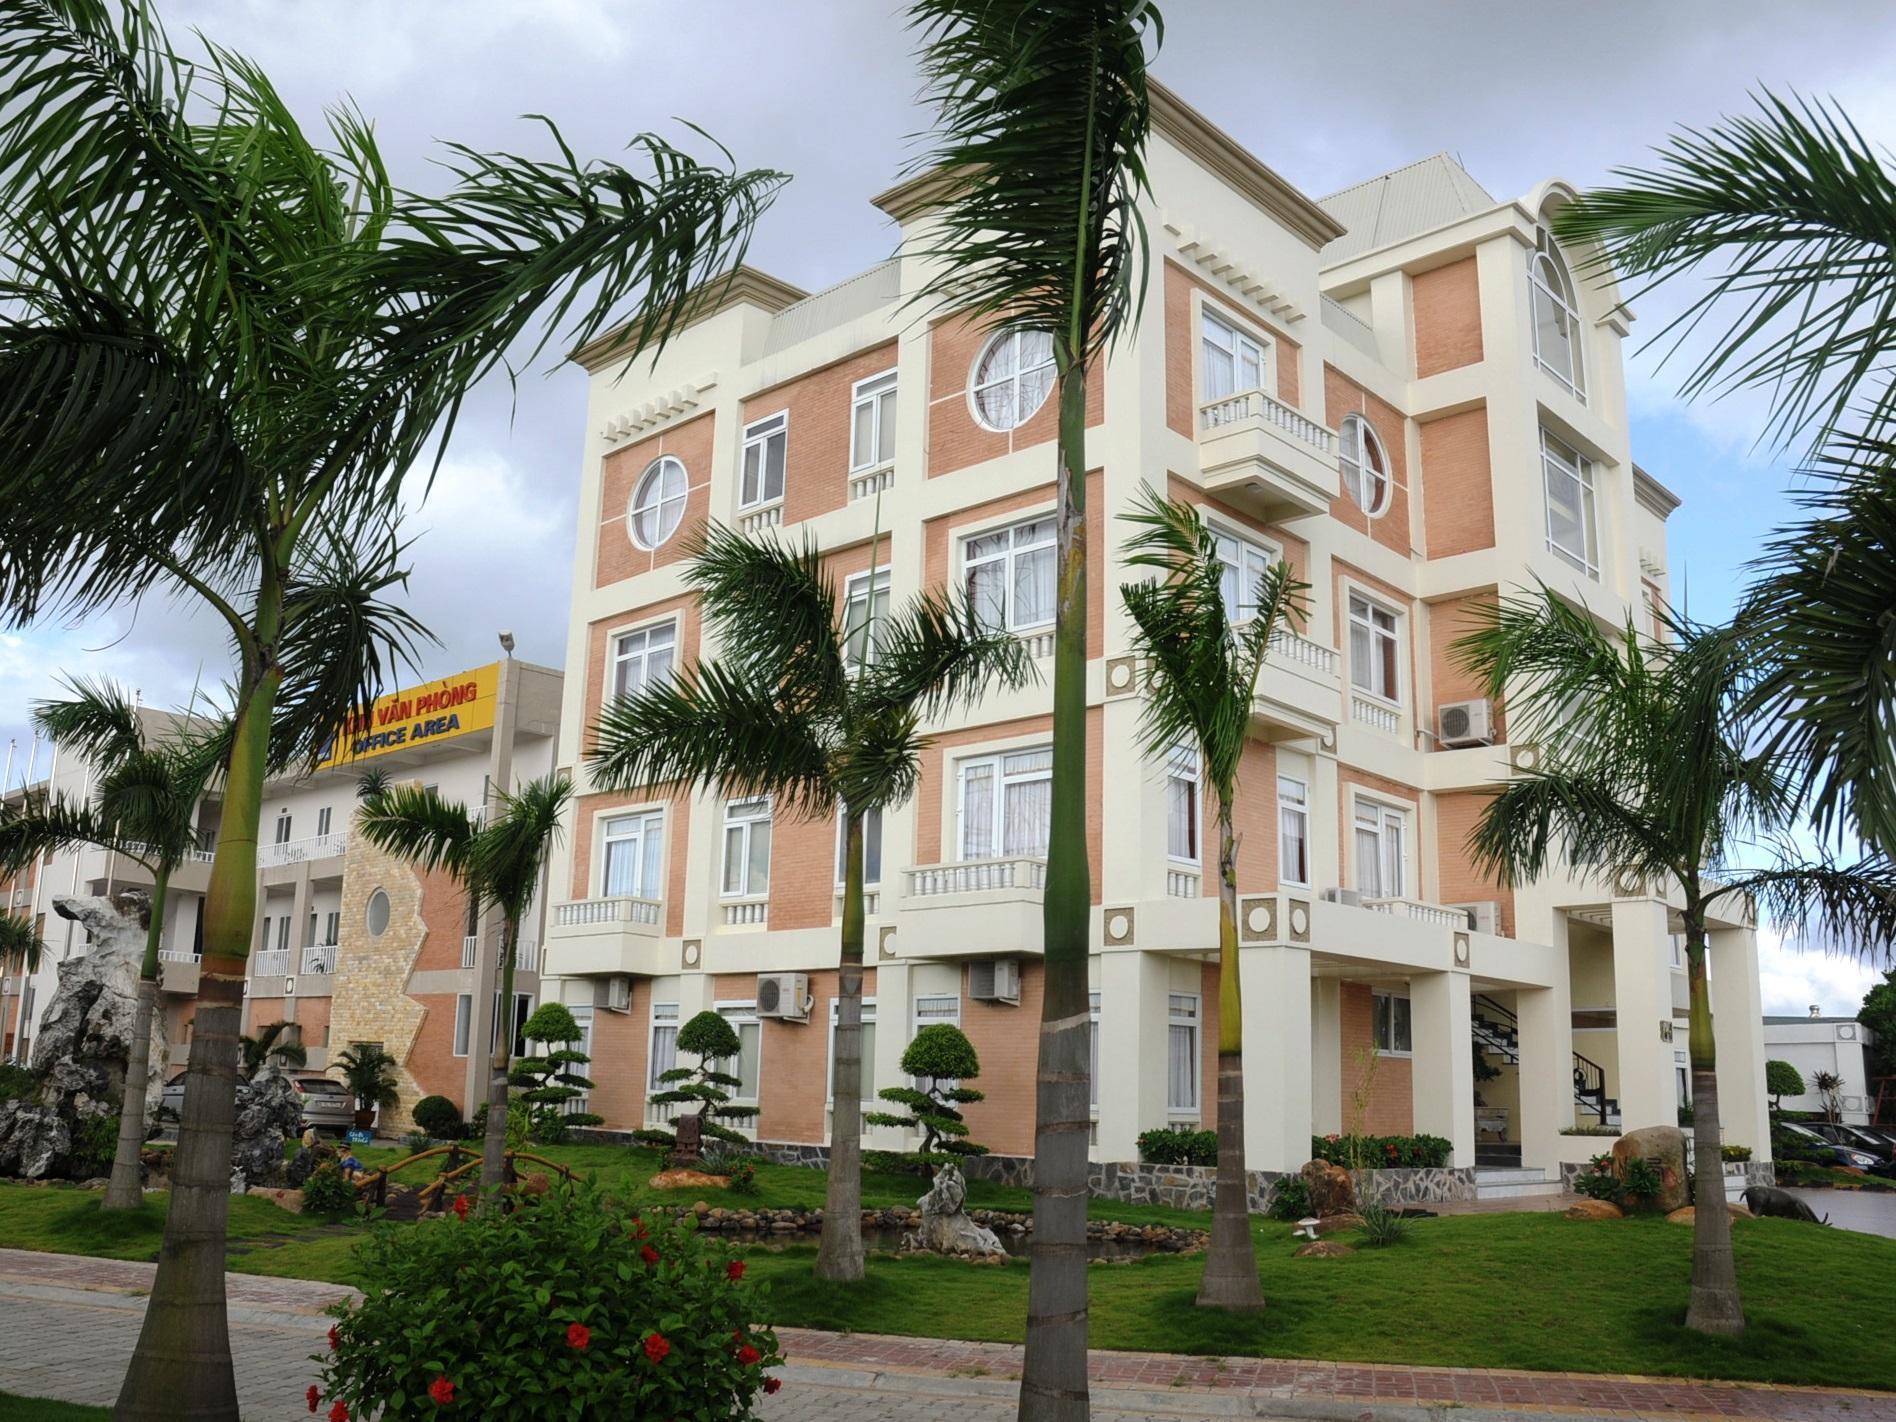 Camela Luxury Villas - Hotell och Boende i Vietnam , Haiphong